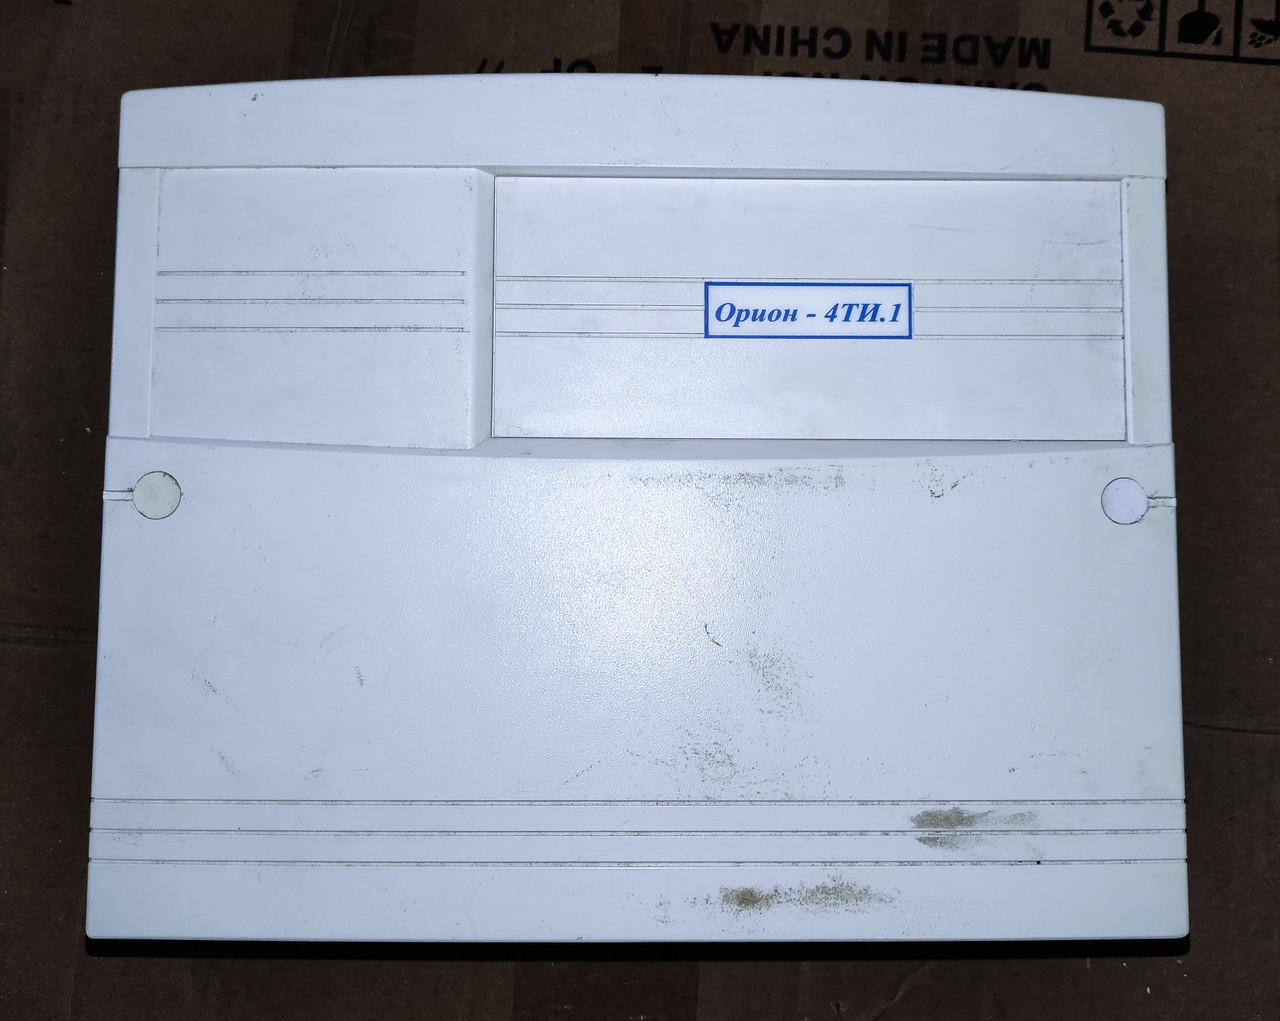 Б/У ППКО Орион-4ТИ.1. ППКО Орион 4 шлейфа сигнализации. Прибор приемно-контрольный охранно-пожарный